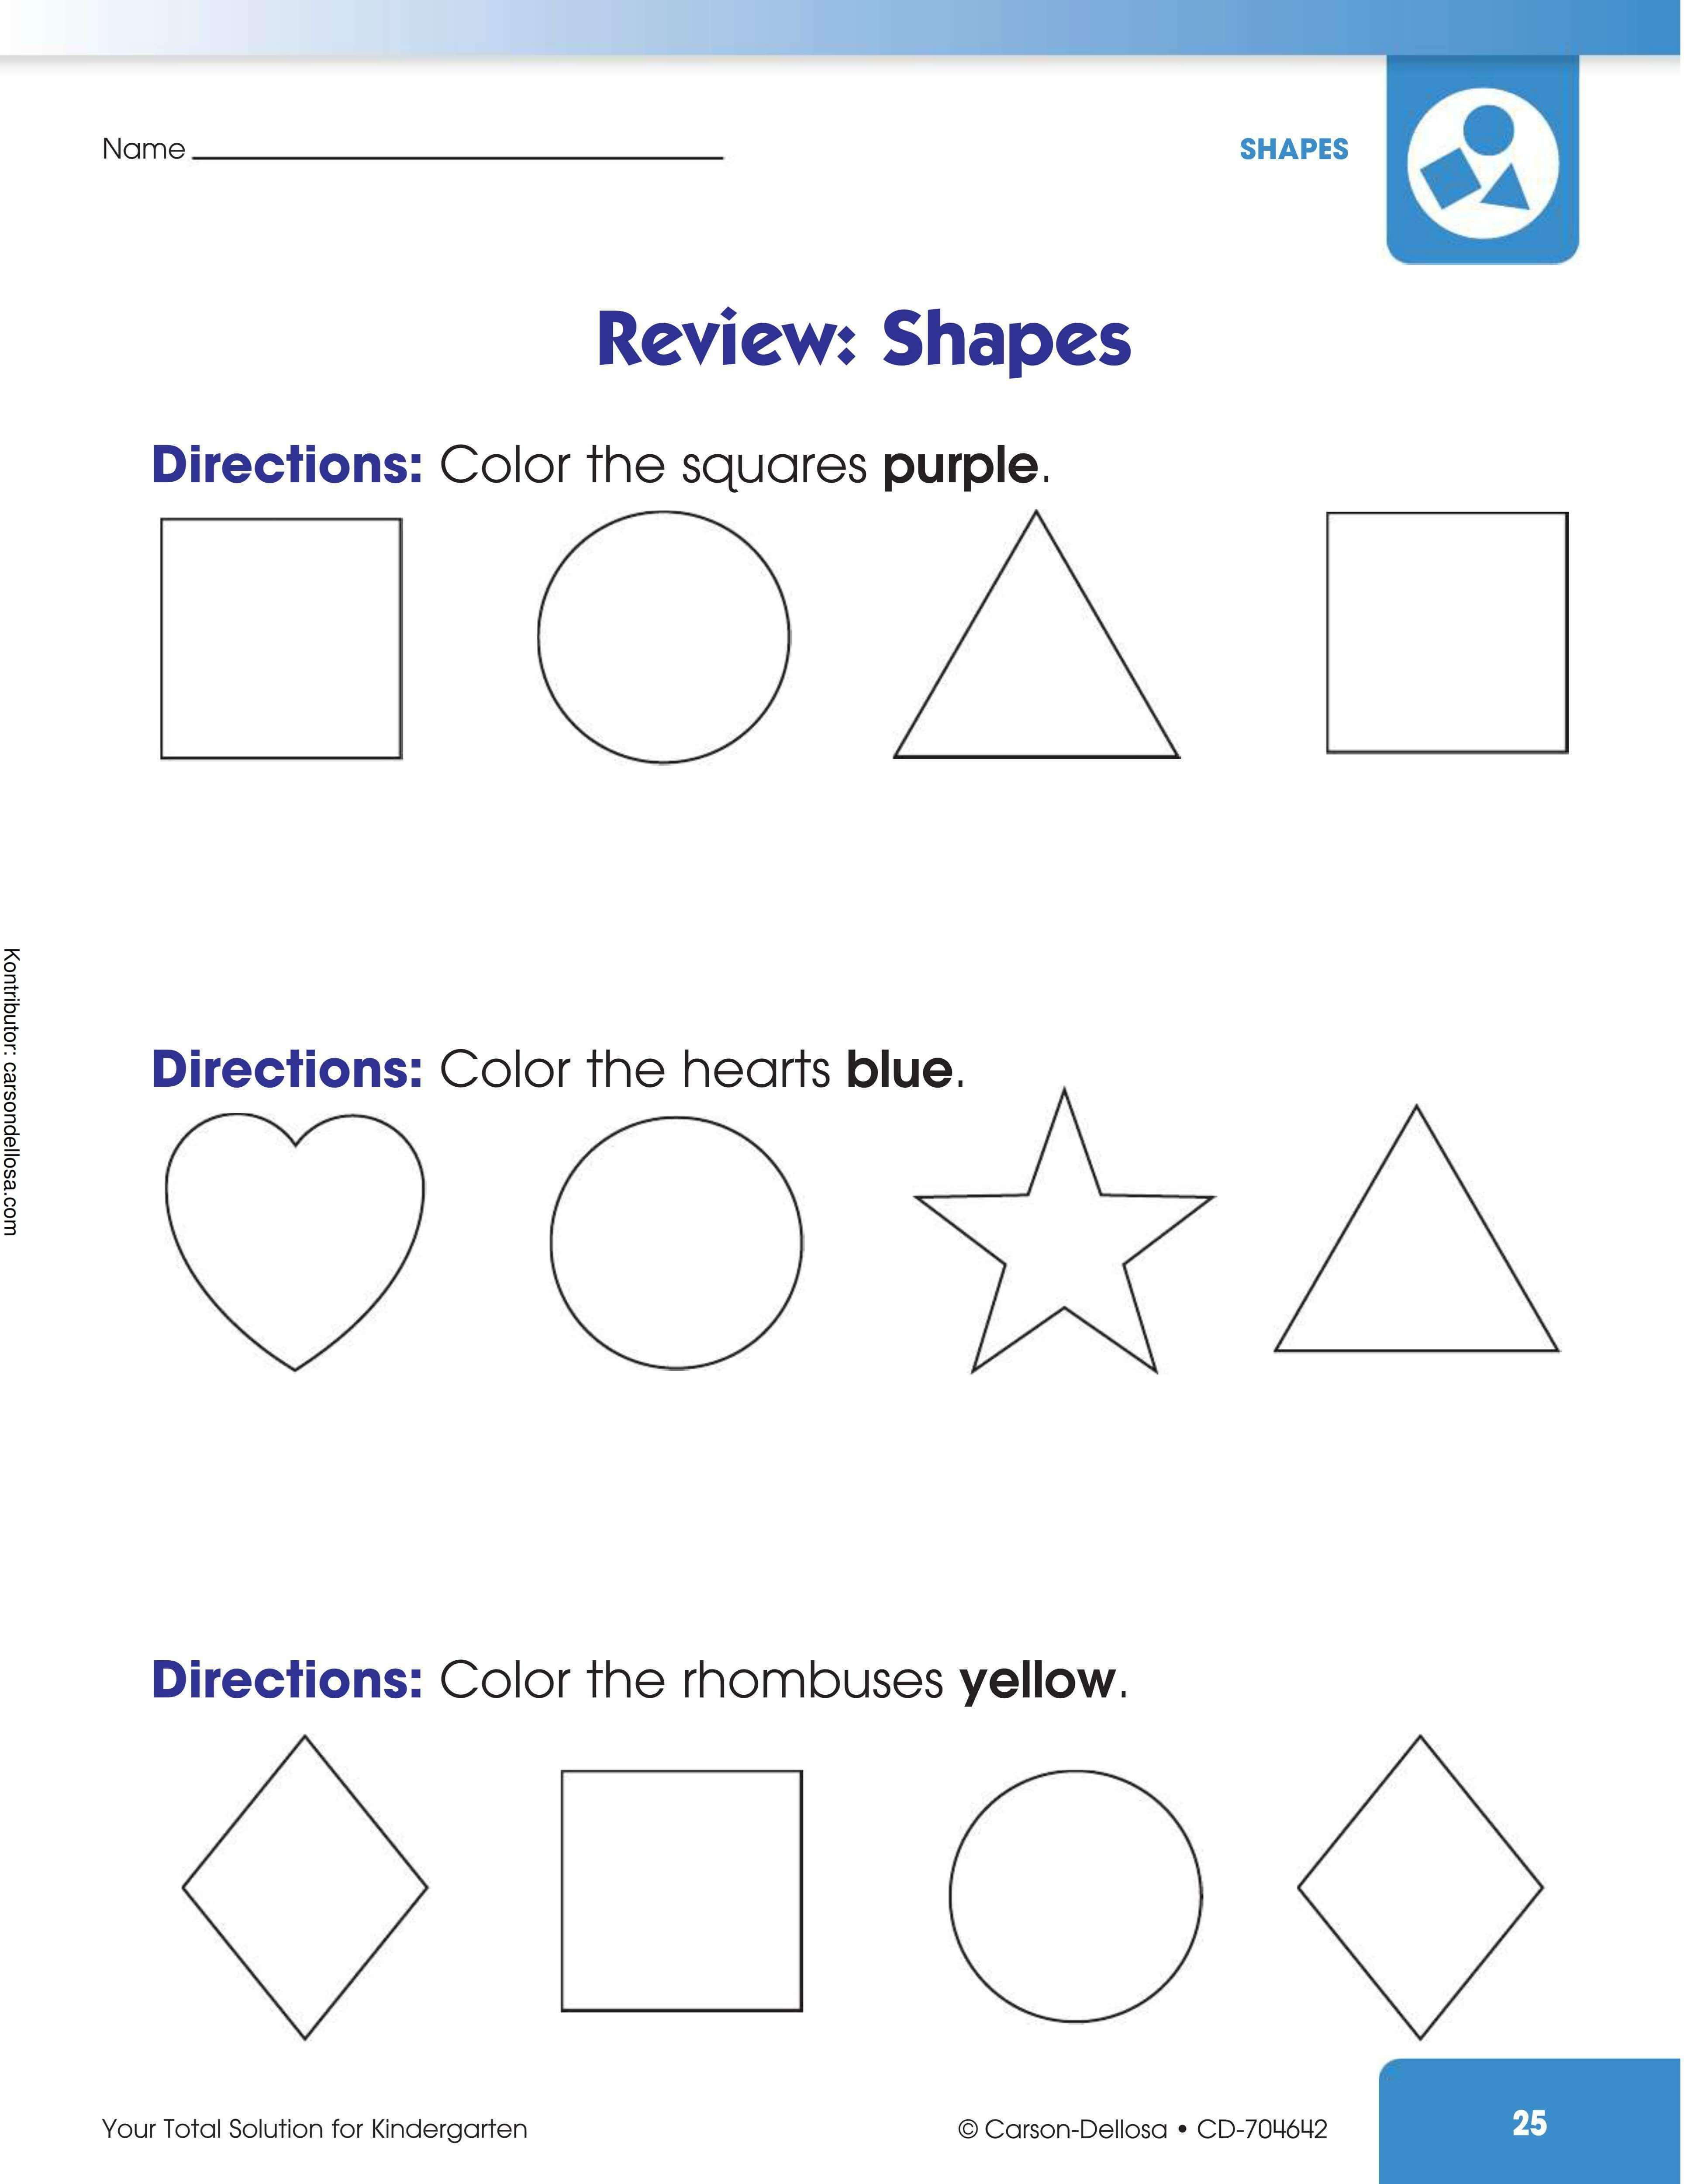 Ebook Your Total Solution for Kindergarten Workbook_026